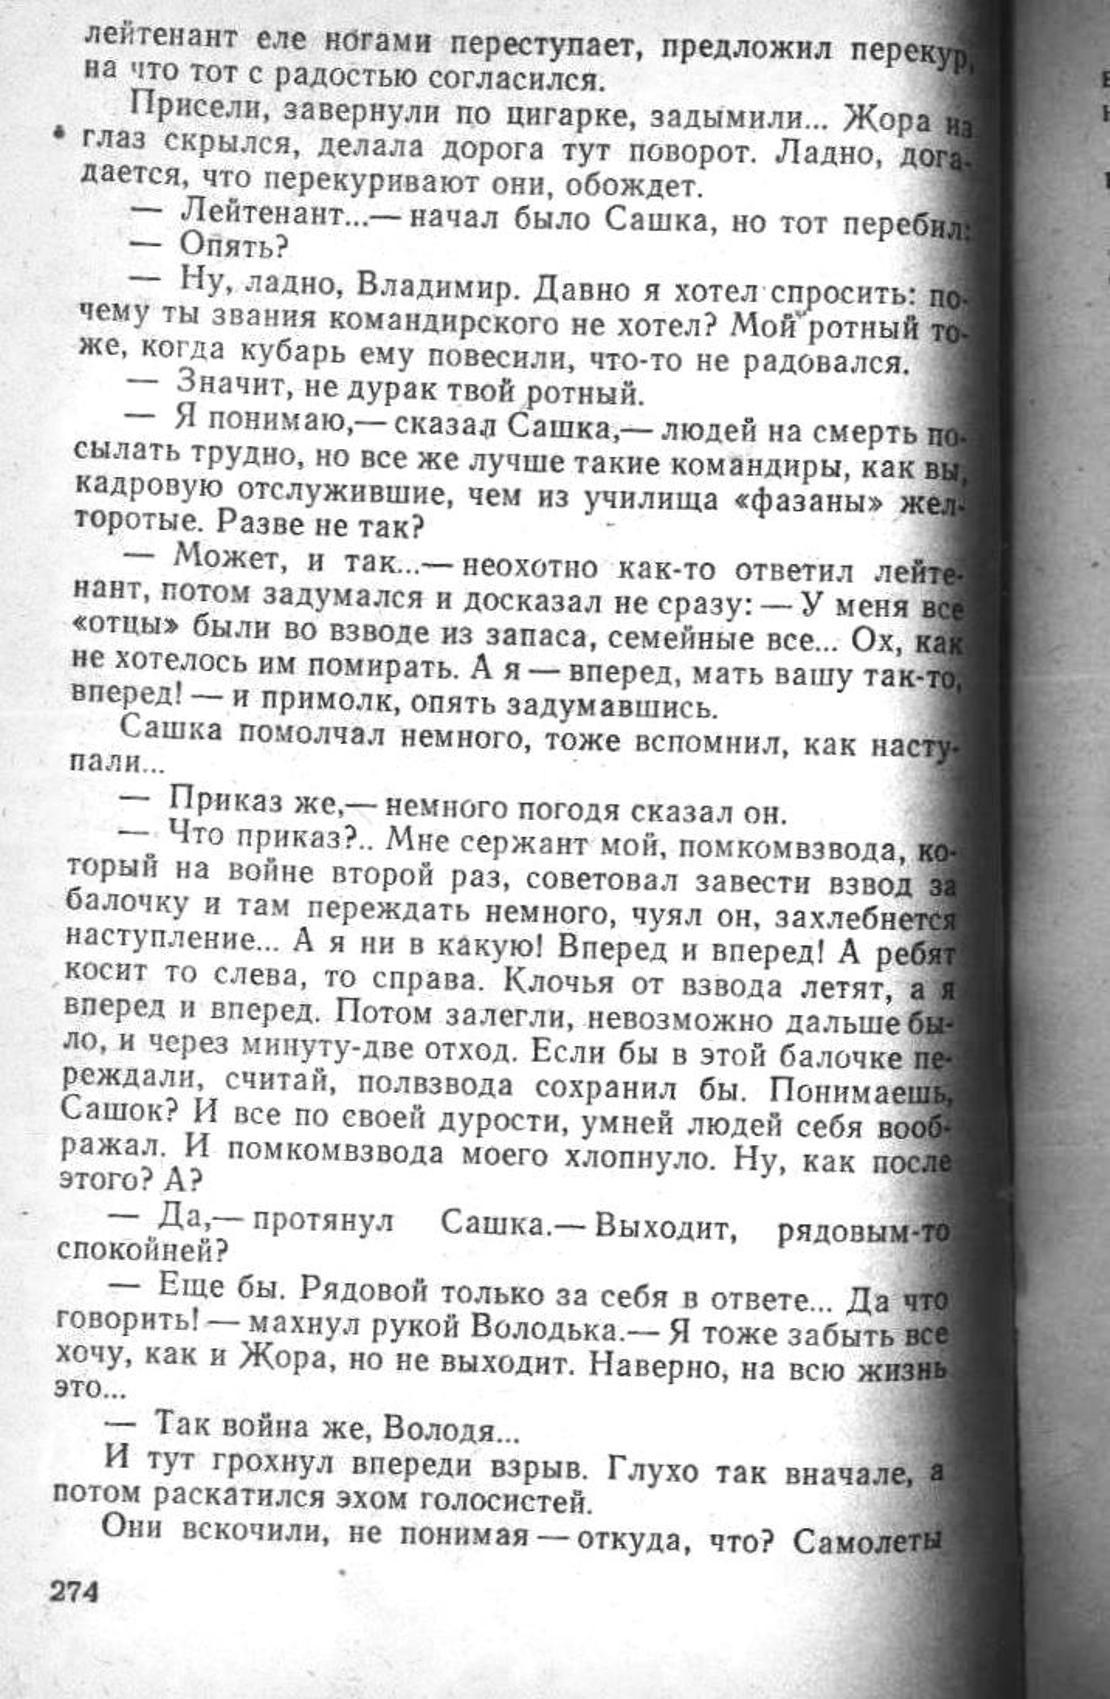 Сашка. Повесть. Вячеслав Кондратьев. 015. 001